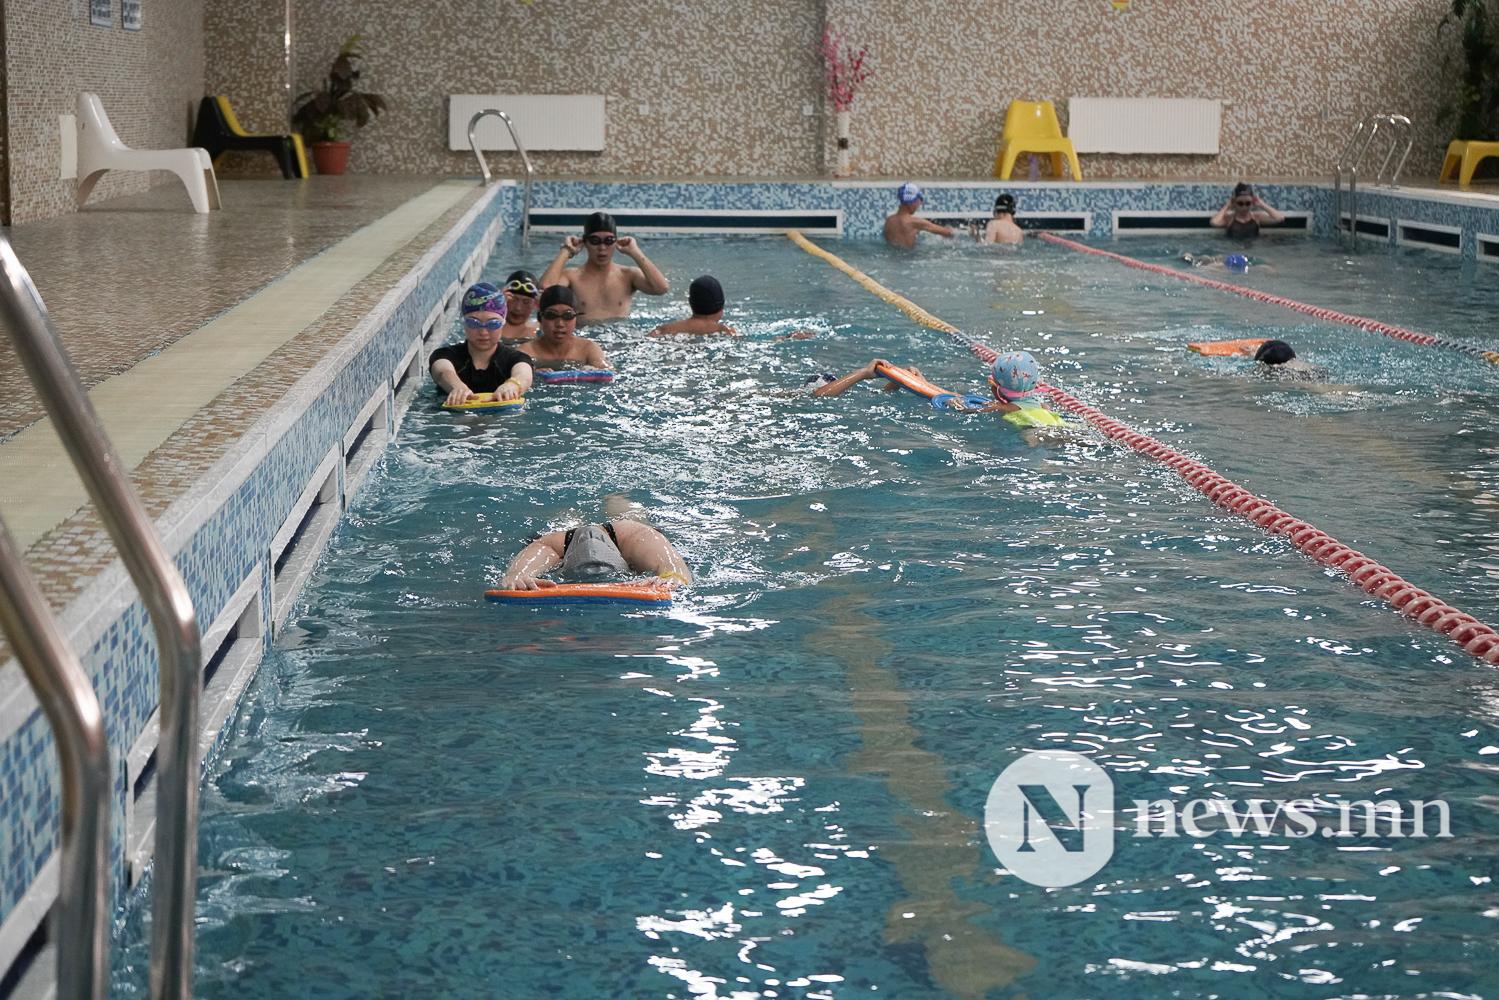 Усан спорт сургалтын төвүүд (2 of 20)